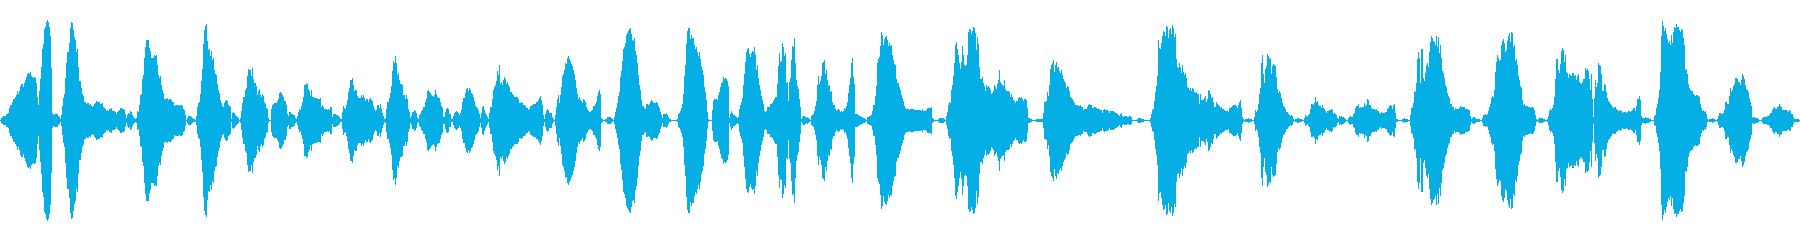 赤ちゃんの泣き声<泣き方 : 強め>の再生済みの波形